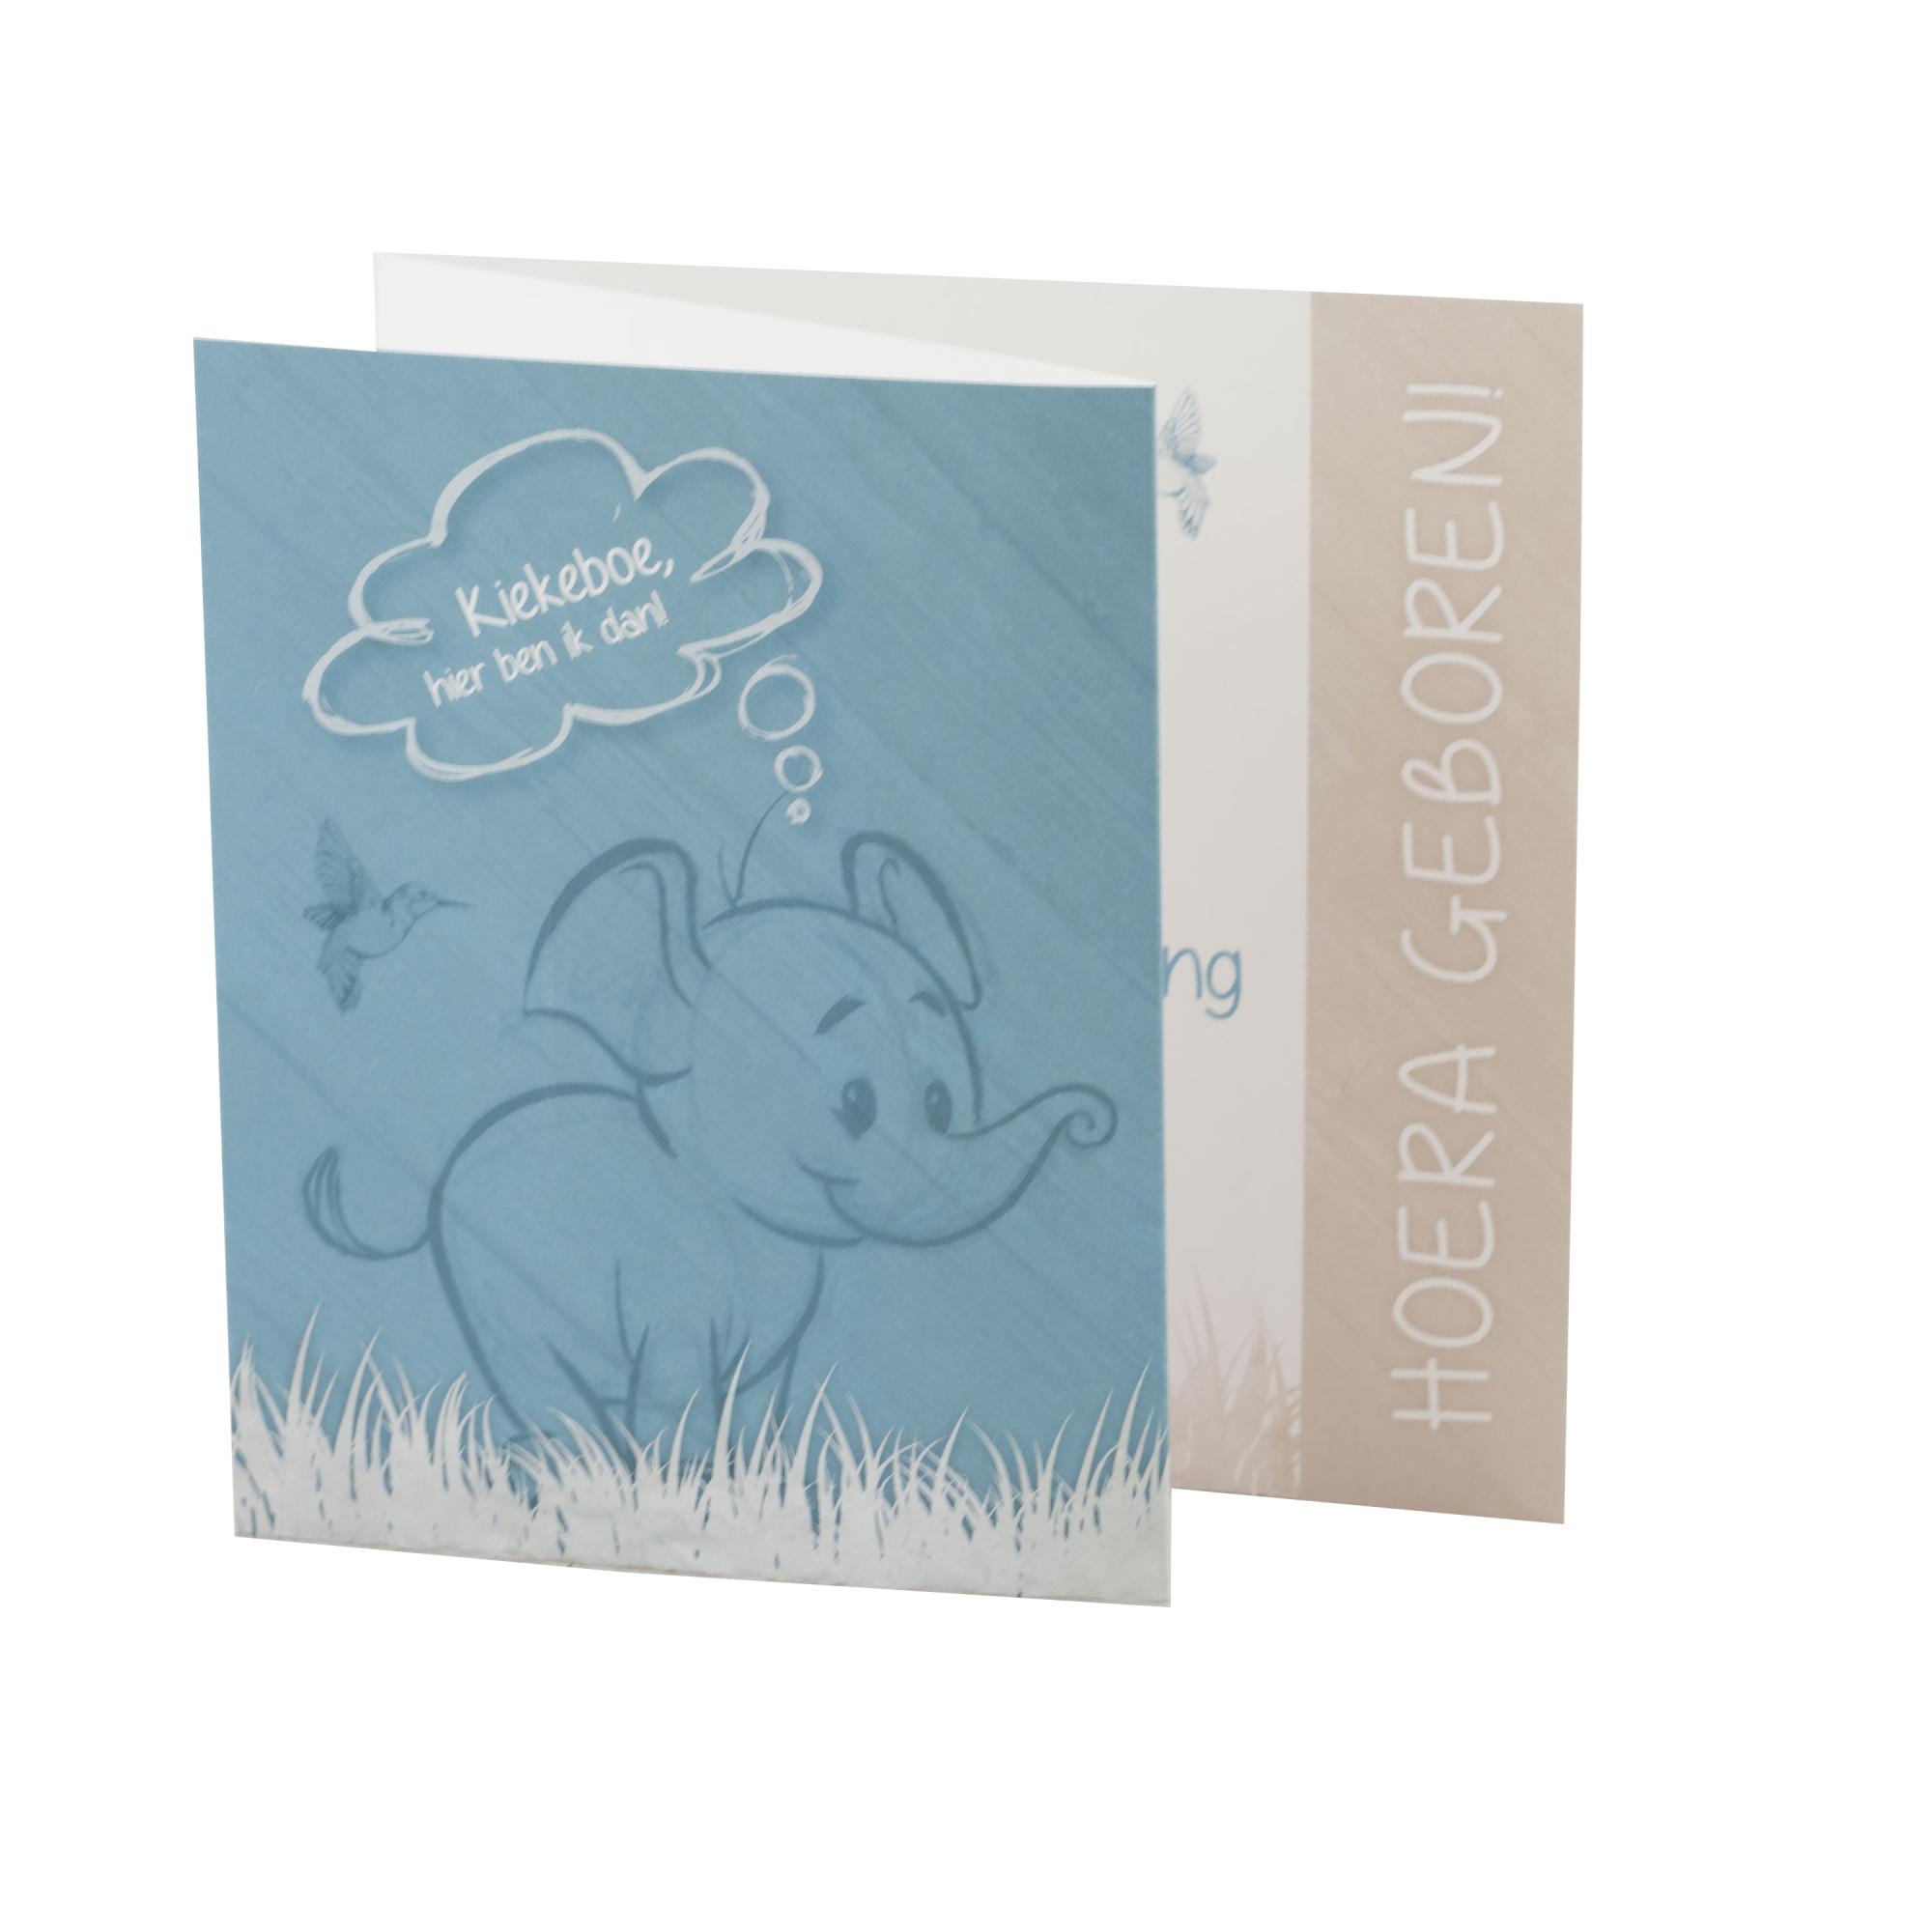 Getekend babykaartje met vrolijke olifant